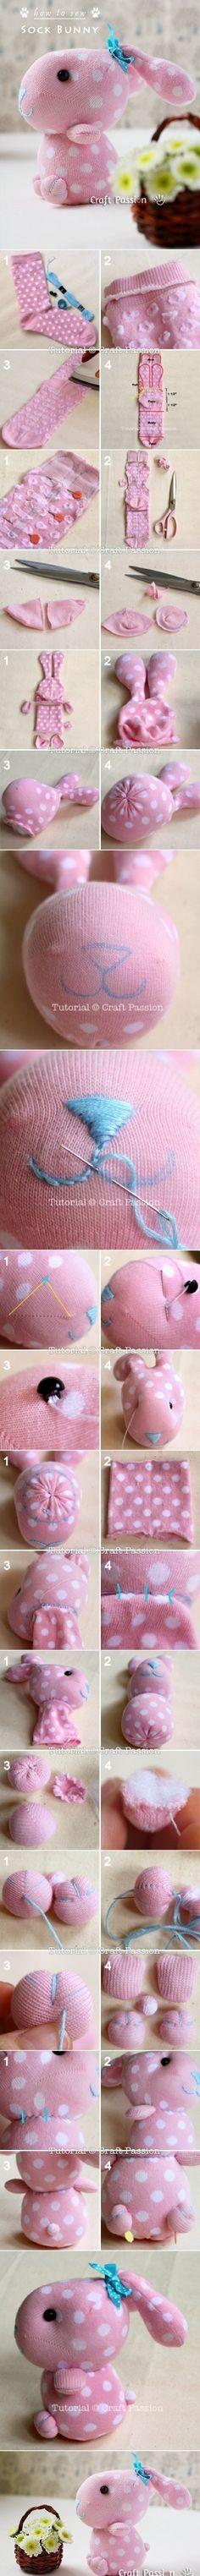 DIY Socken Hase                                                                                                                                                                                 More